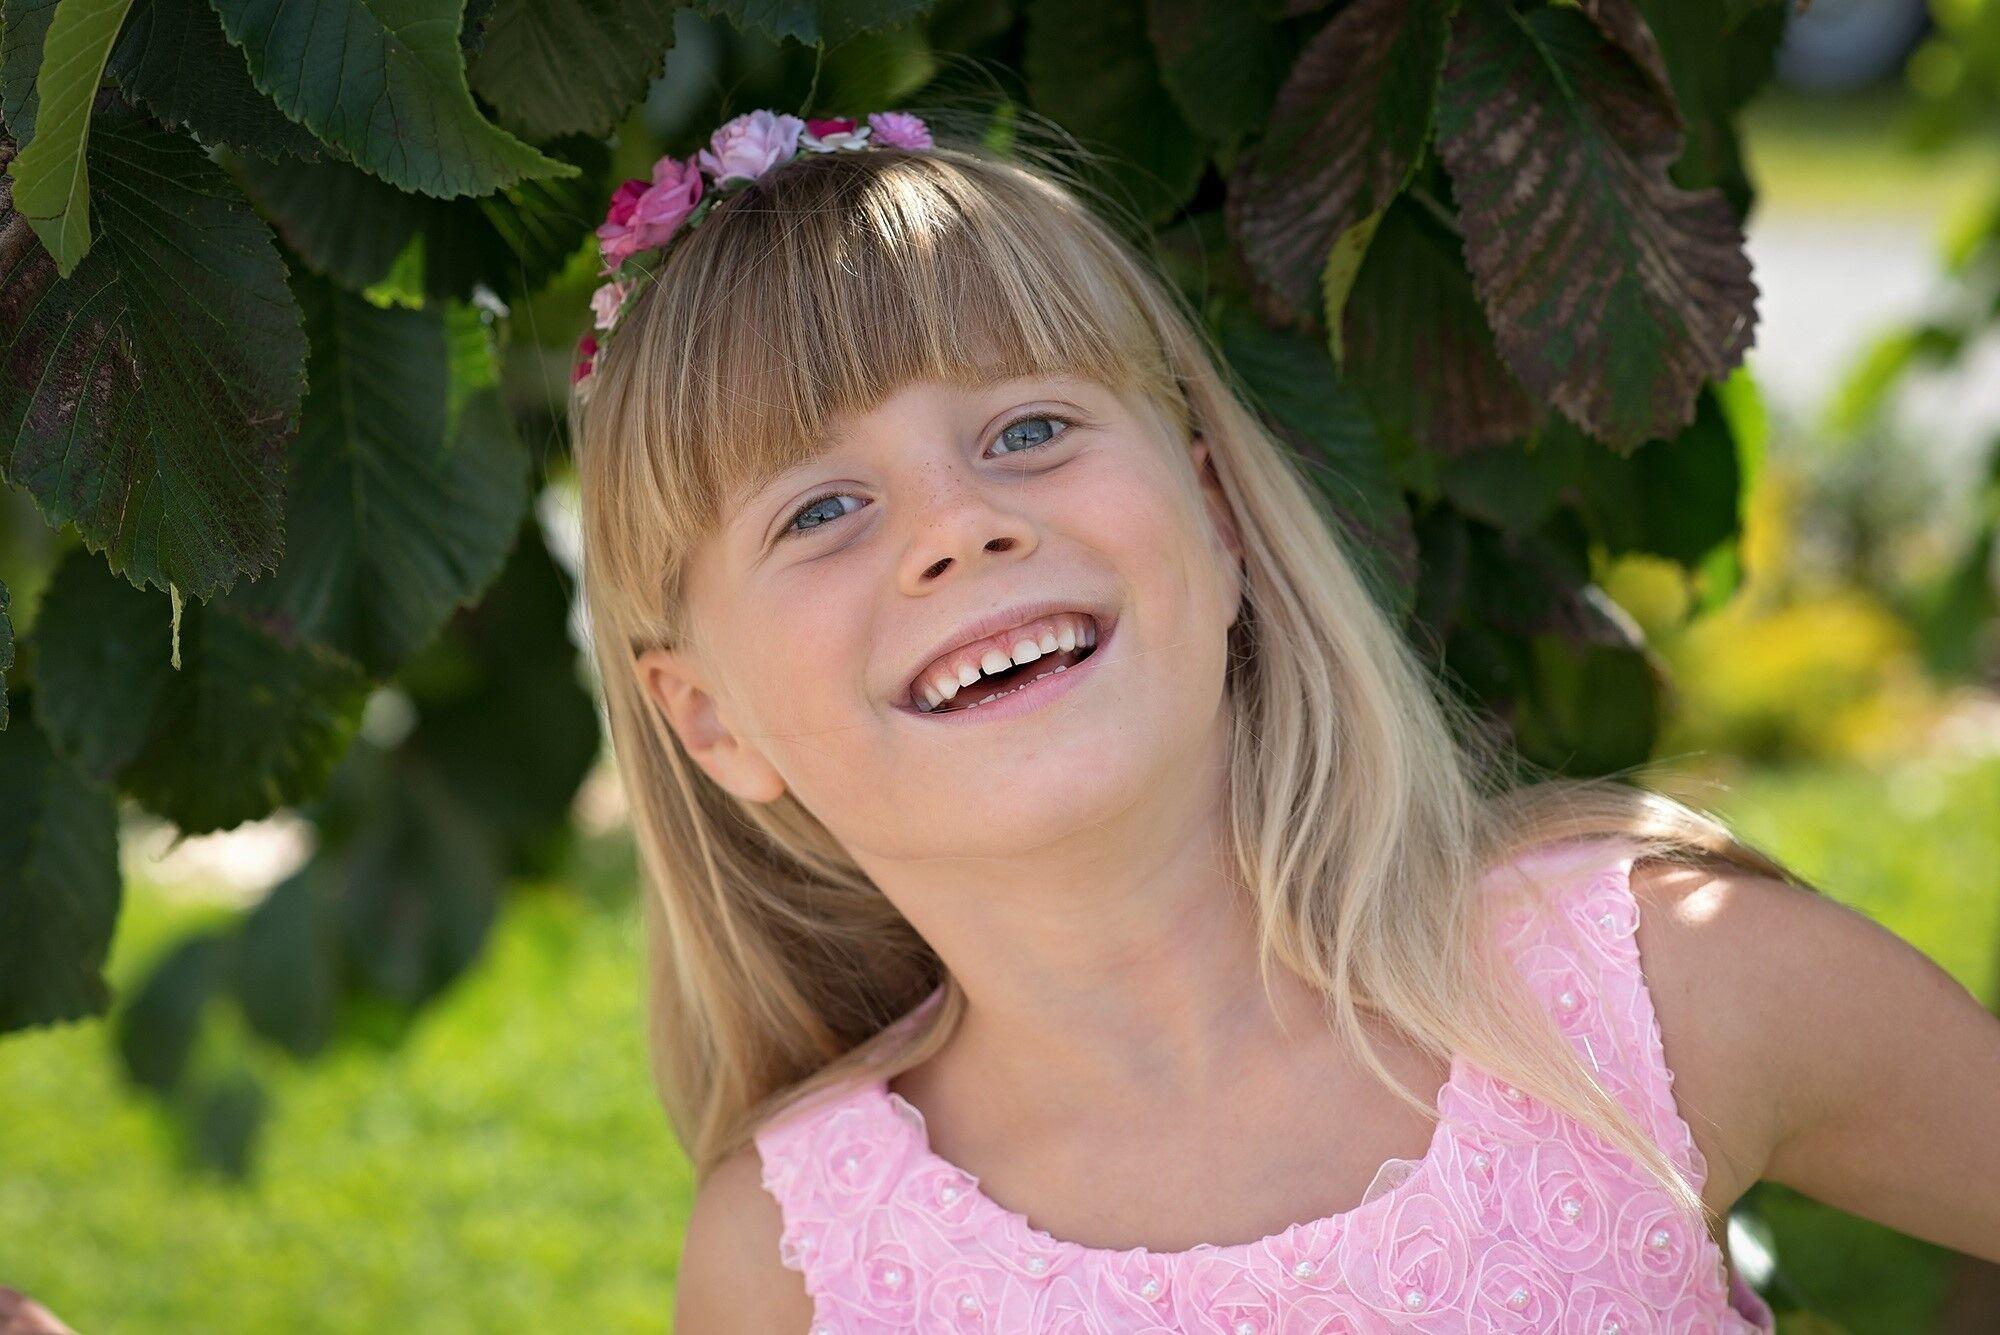 Nashville TN Pediatric Dentist | 4 Ways to Make Oral Hygiene Fun